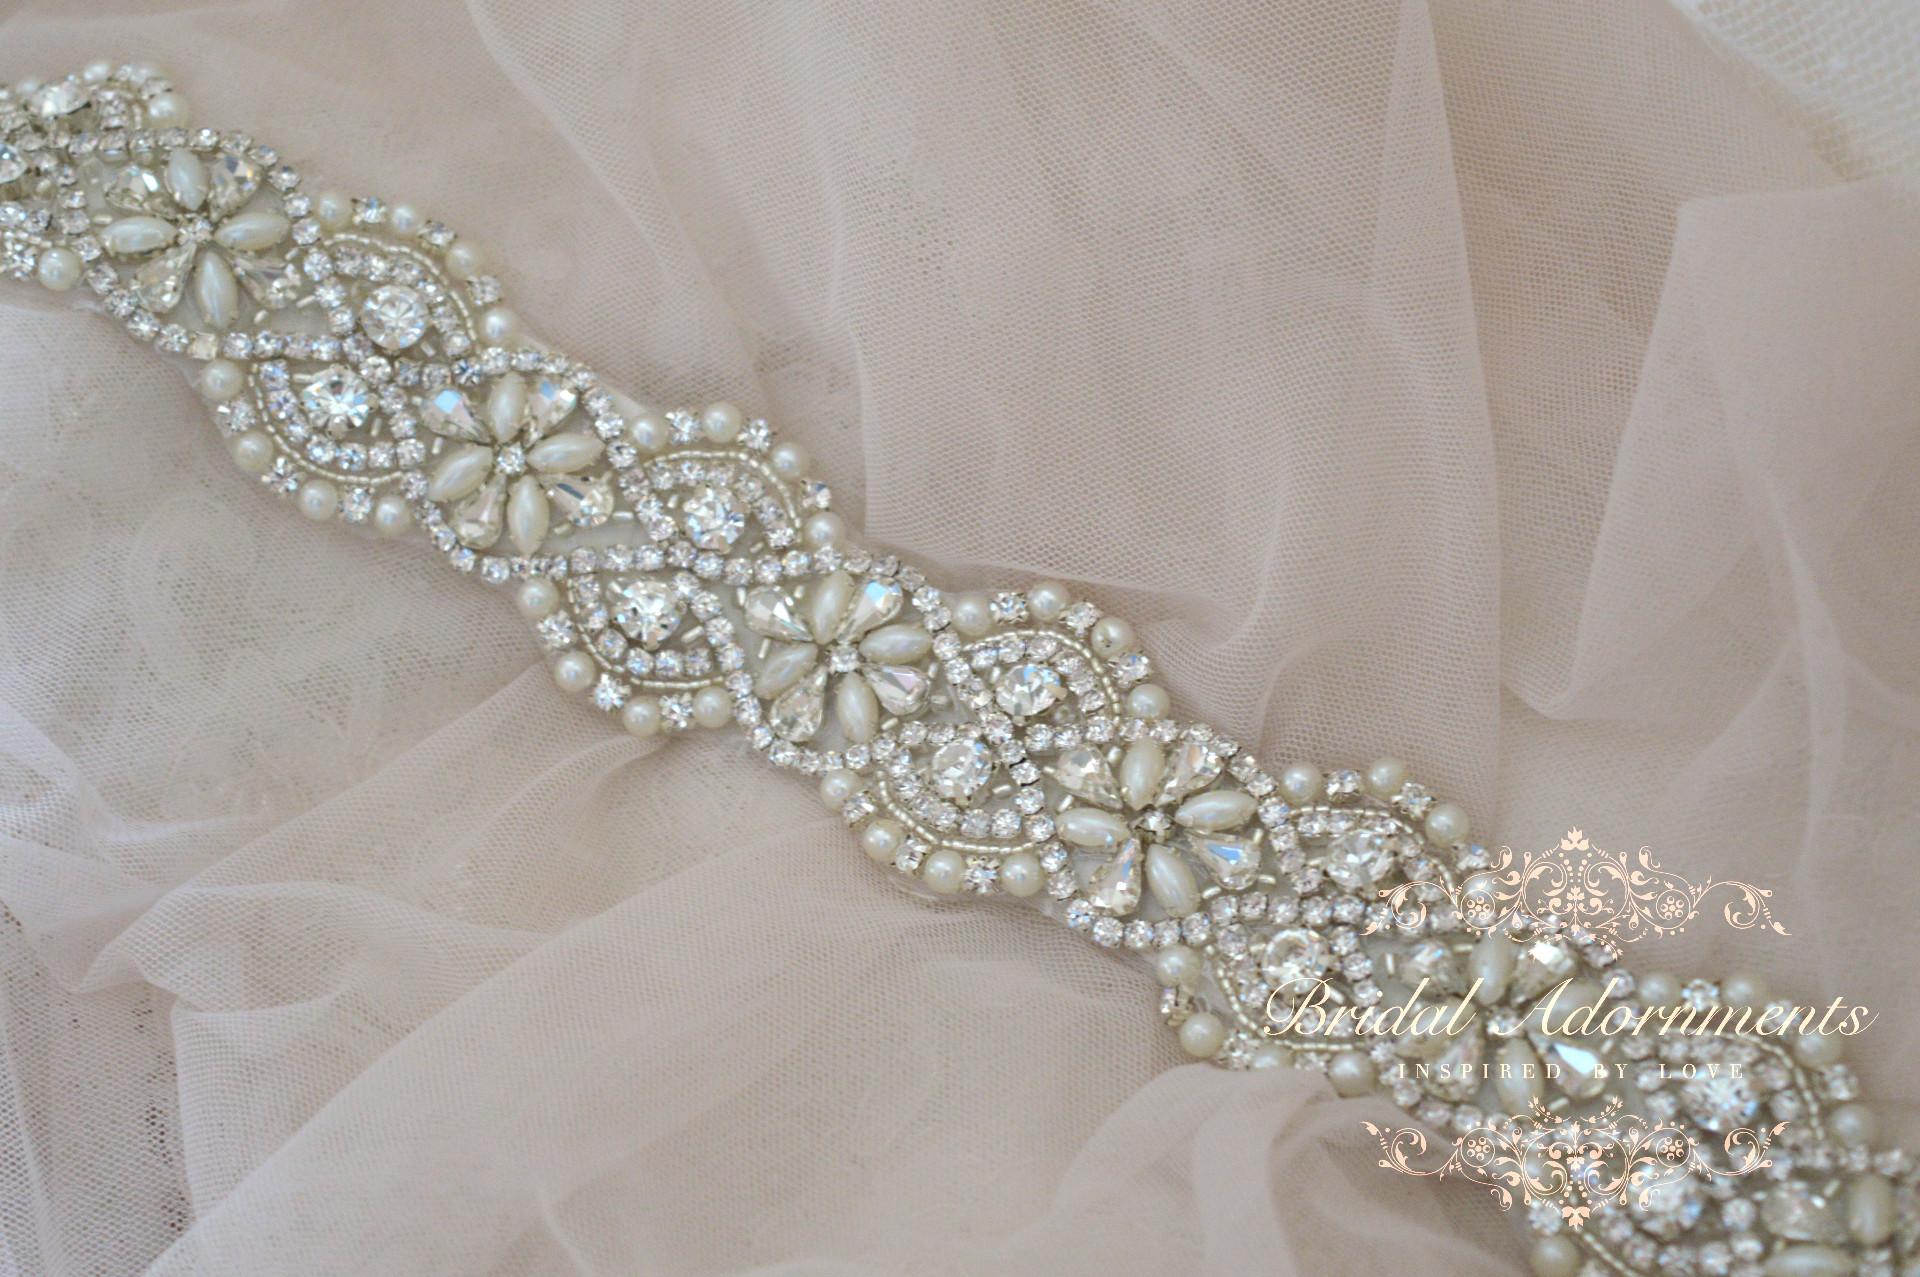 Leola Vintage Crystal And Pearl Bridal Sash Belt